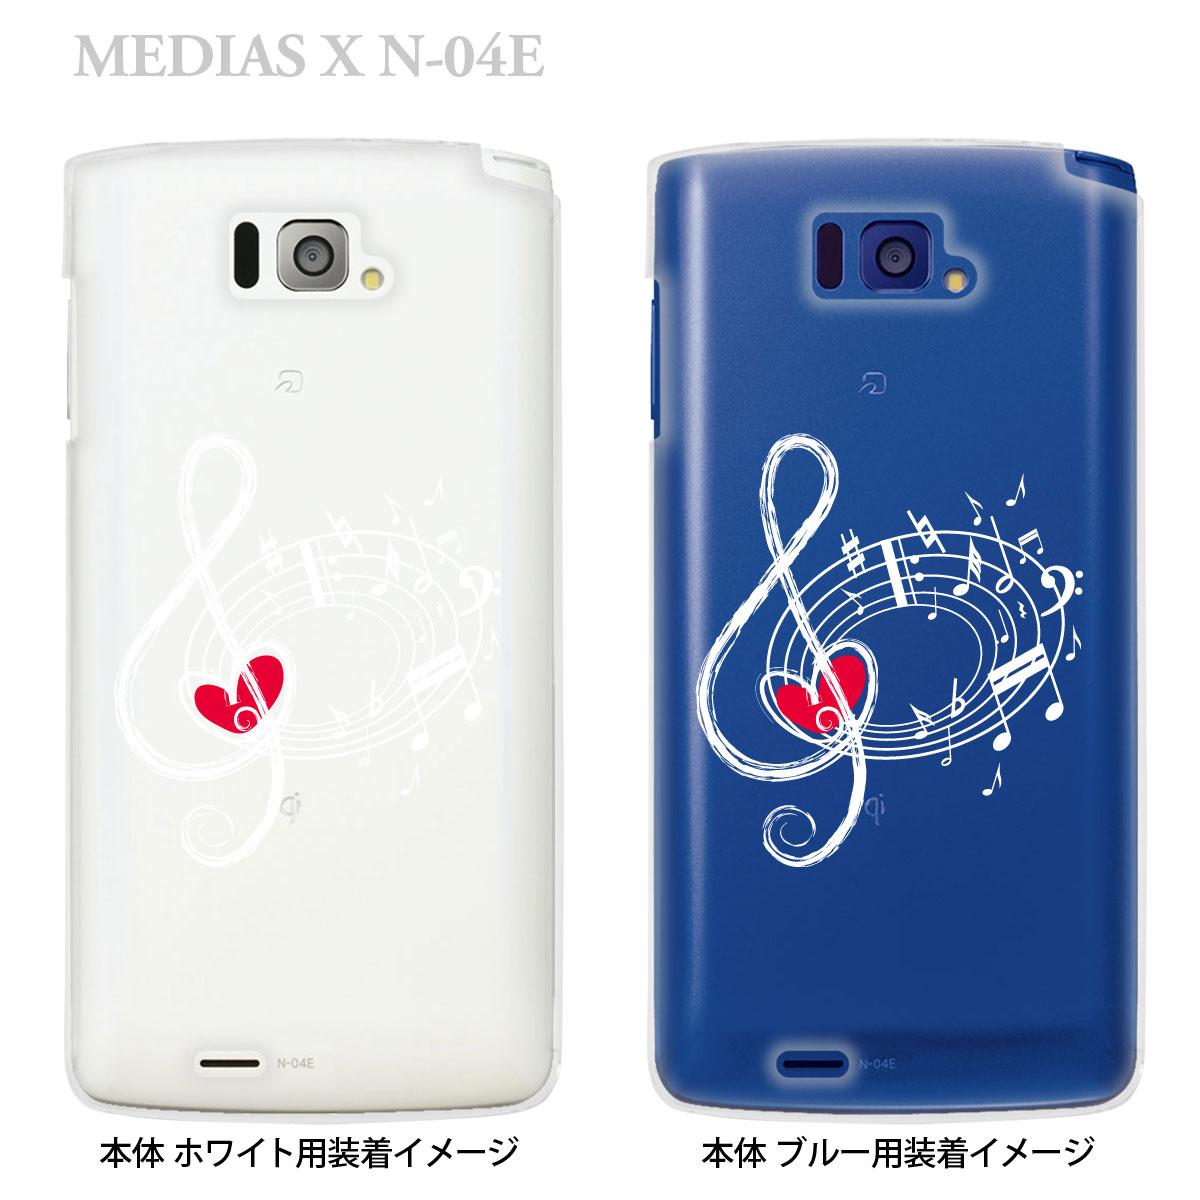 スマートフォン・携帯電話アクセサリー, ケース・カバー MEDIAS X N-04EN-04Edocomo 09-n04e-mu0007